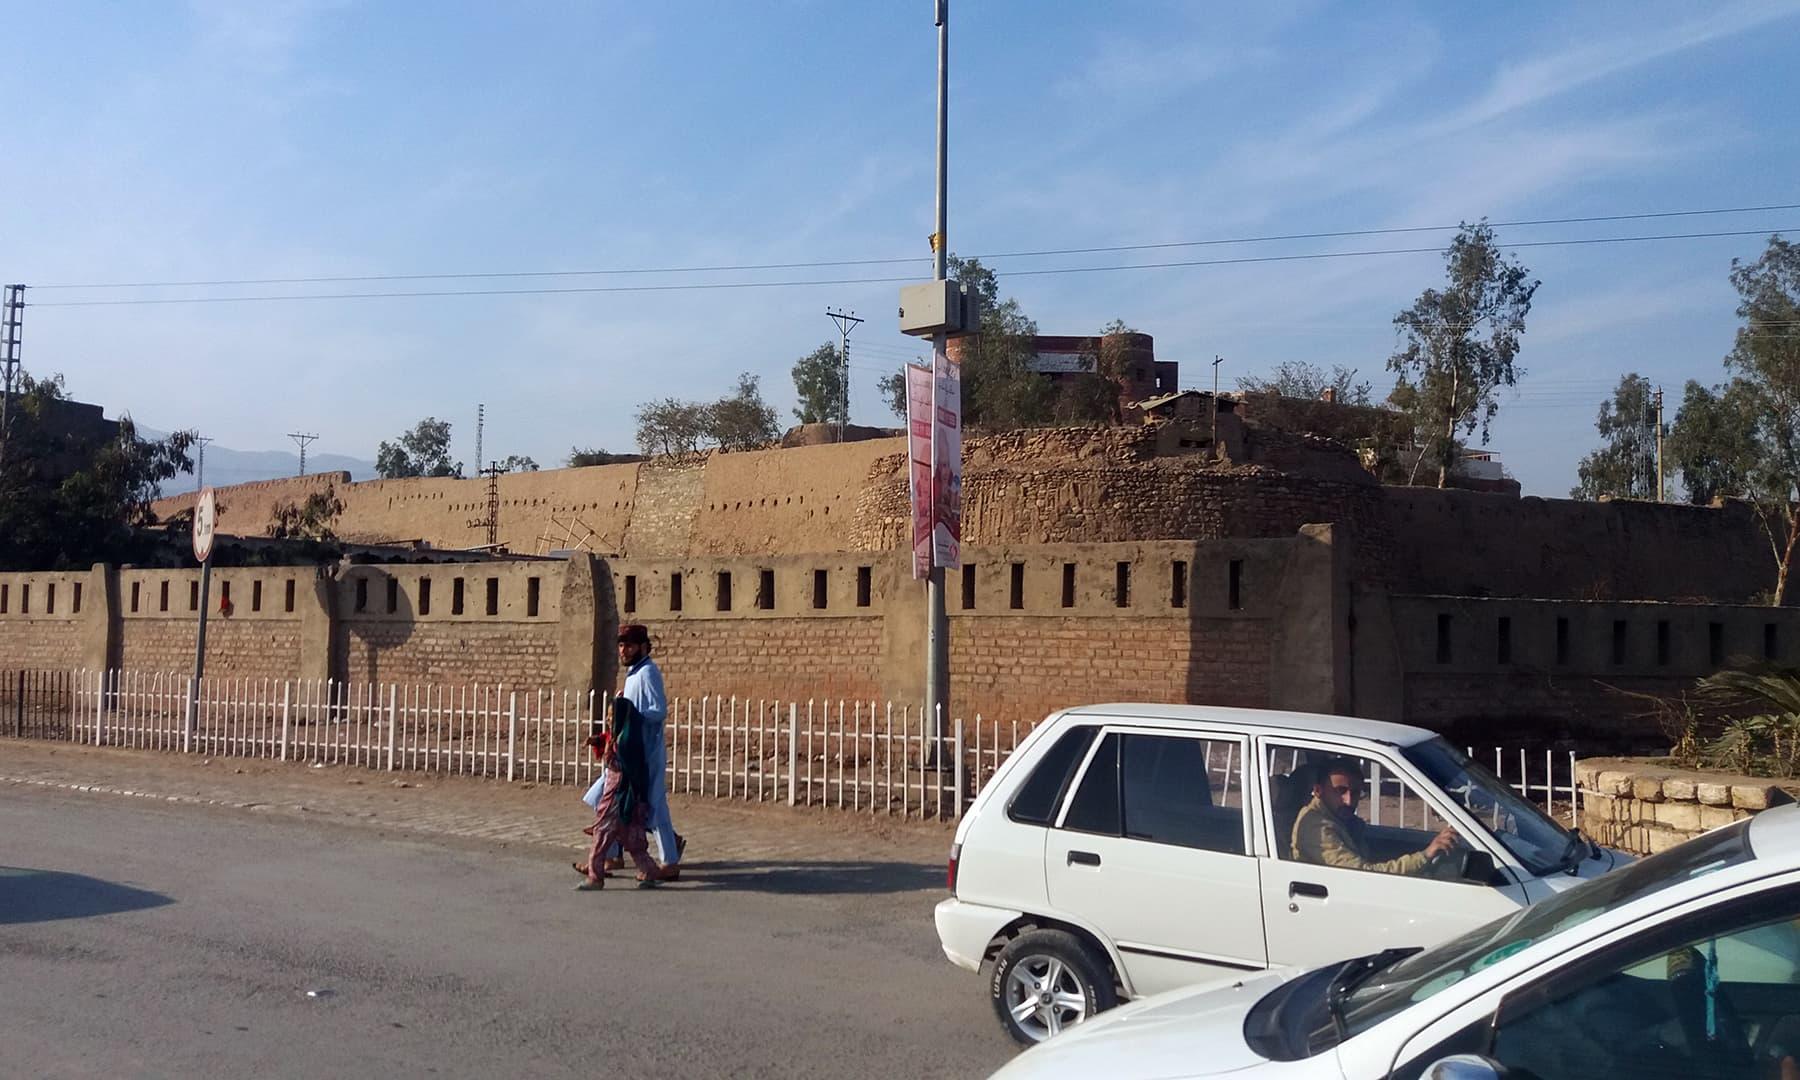 تاریخی قلعہ جمرود جو 1836ء میں تعمیر کیا گیا تھا —فوٹو: عظمت اکبر